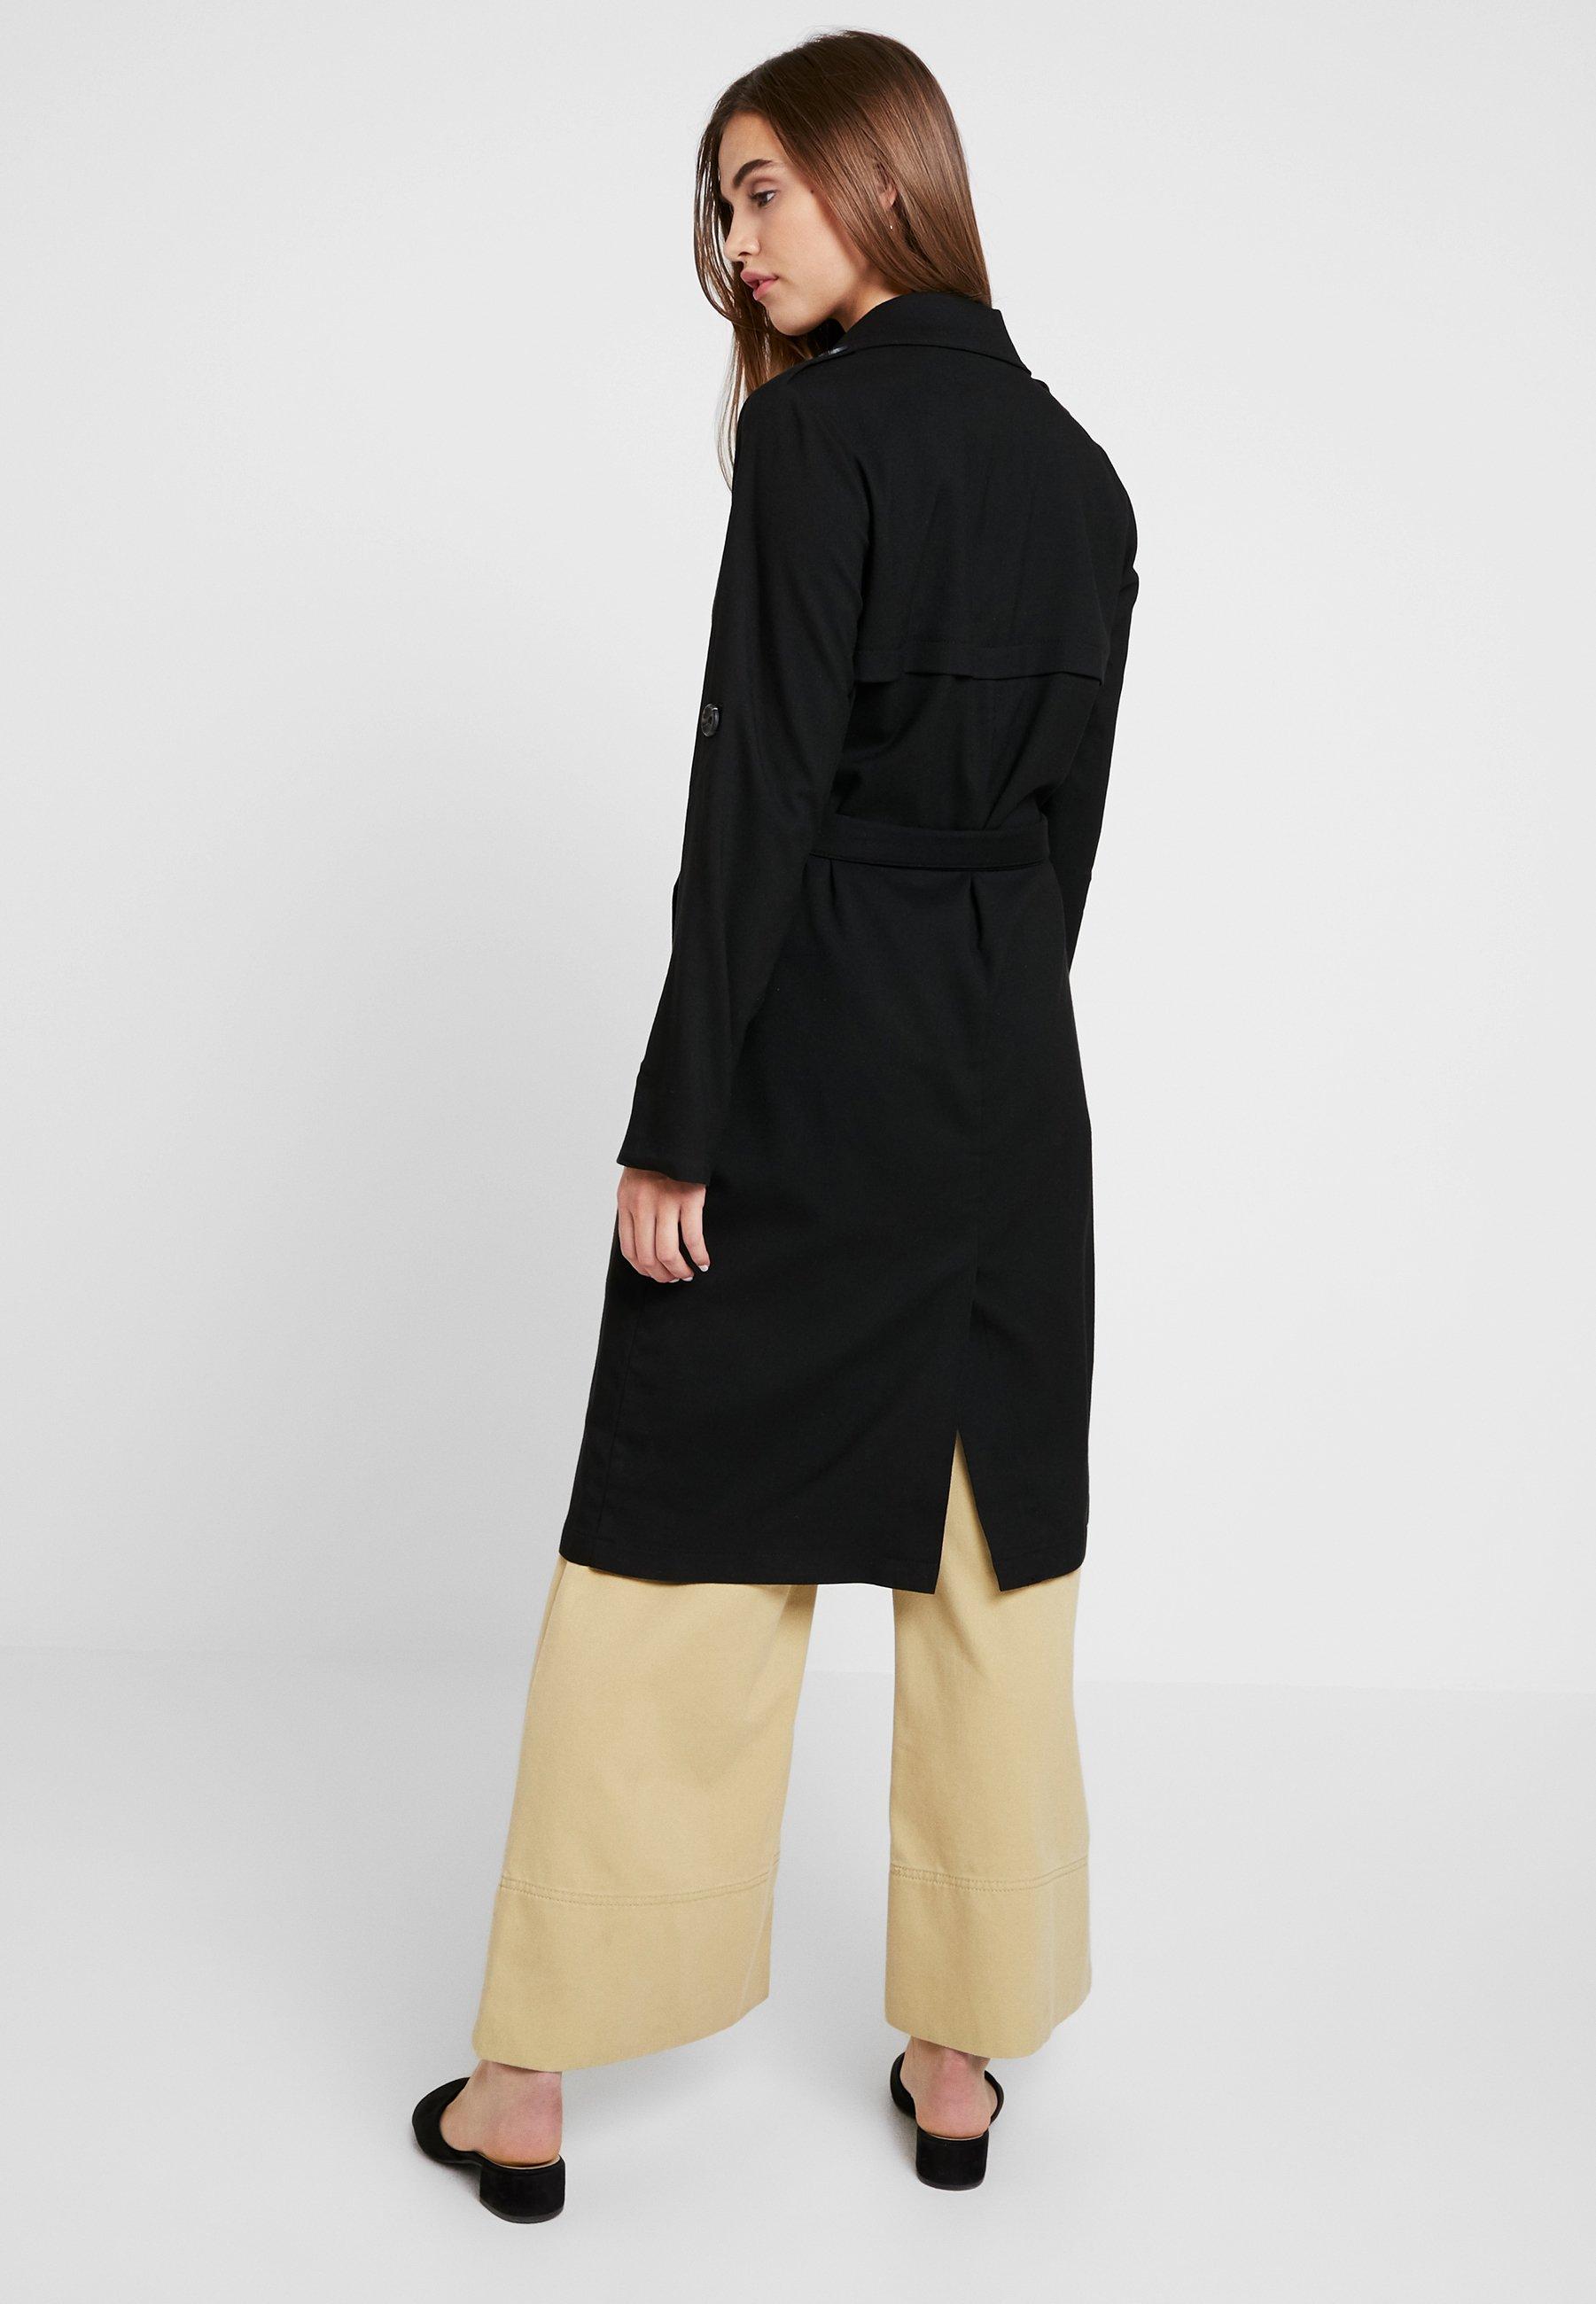 Object Veste d'hiver - black - Manteaux Femme SimY5